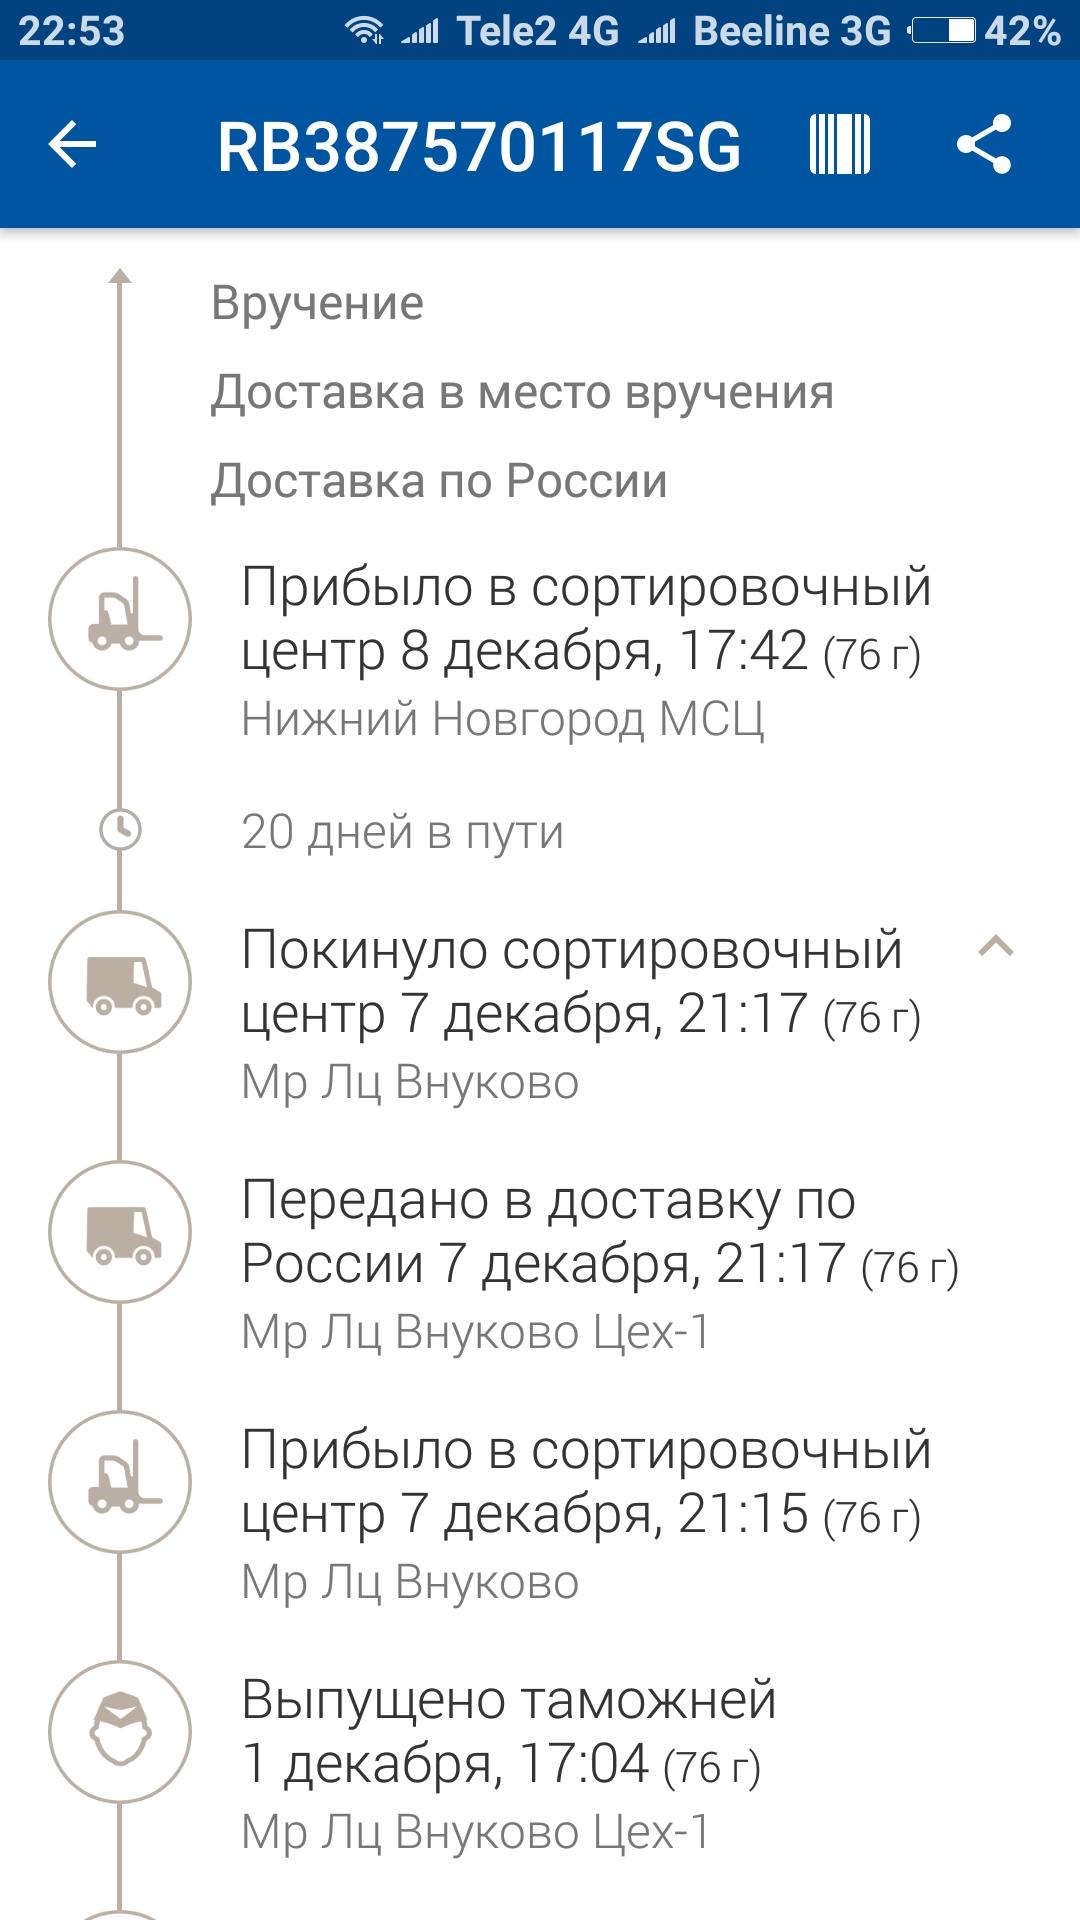 Сортировочный центр нижний новгород 603960